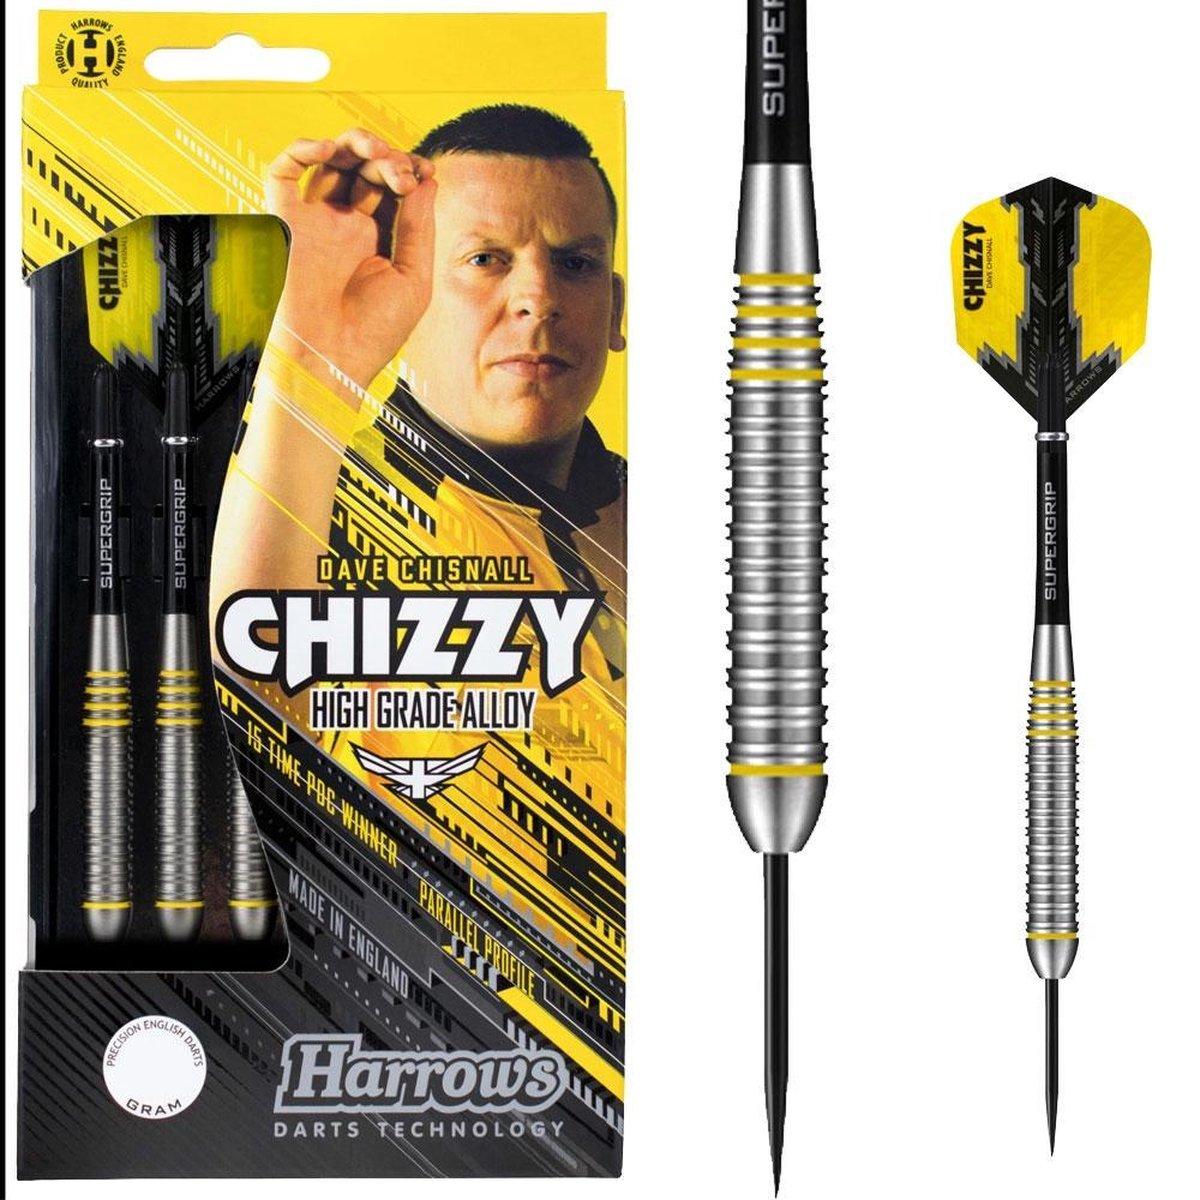 Harrows Dartpijlen Chizzy High Grade Alloy Steeltip Gewicht 22